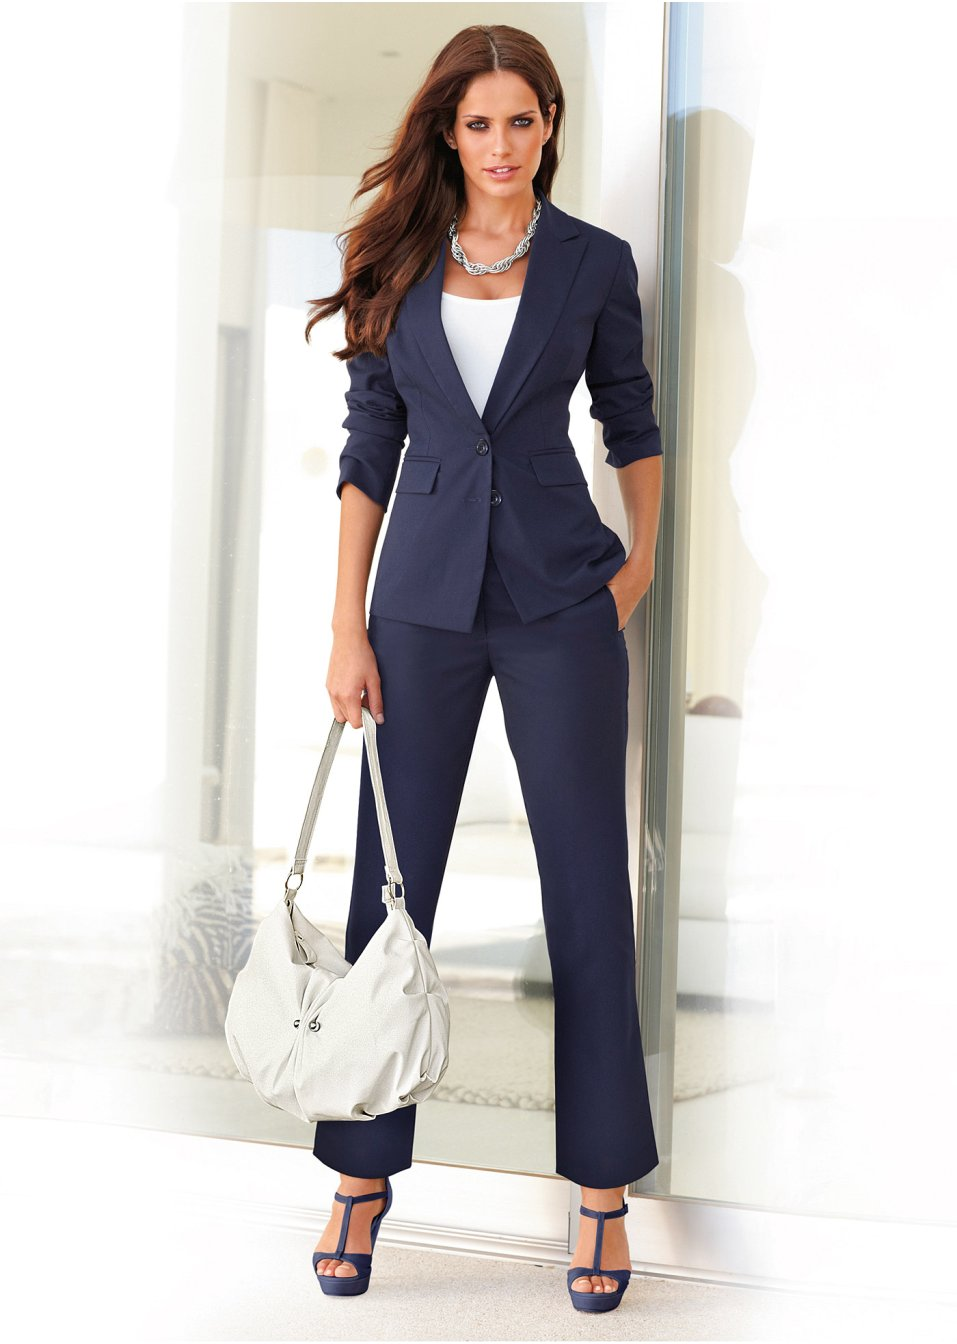 деловой костюм для девушки на работу